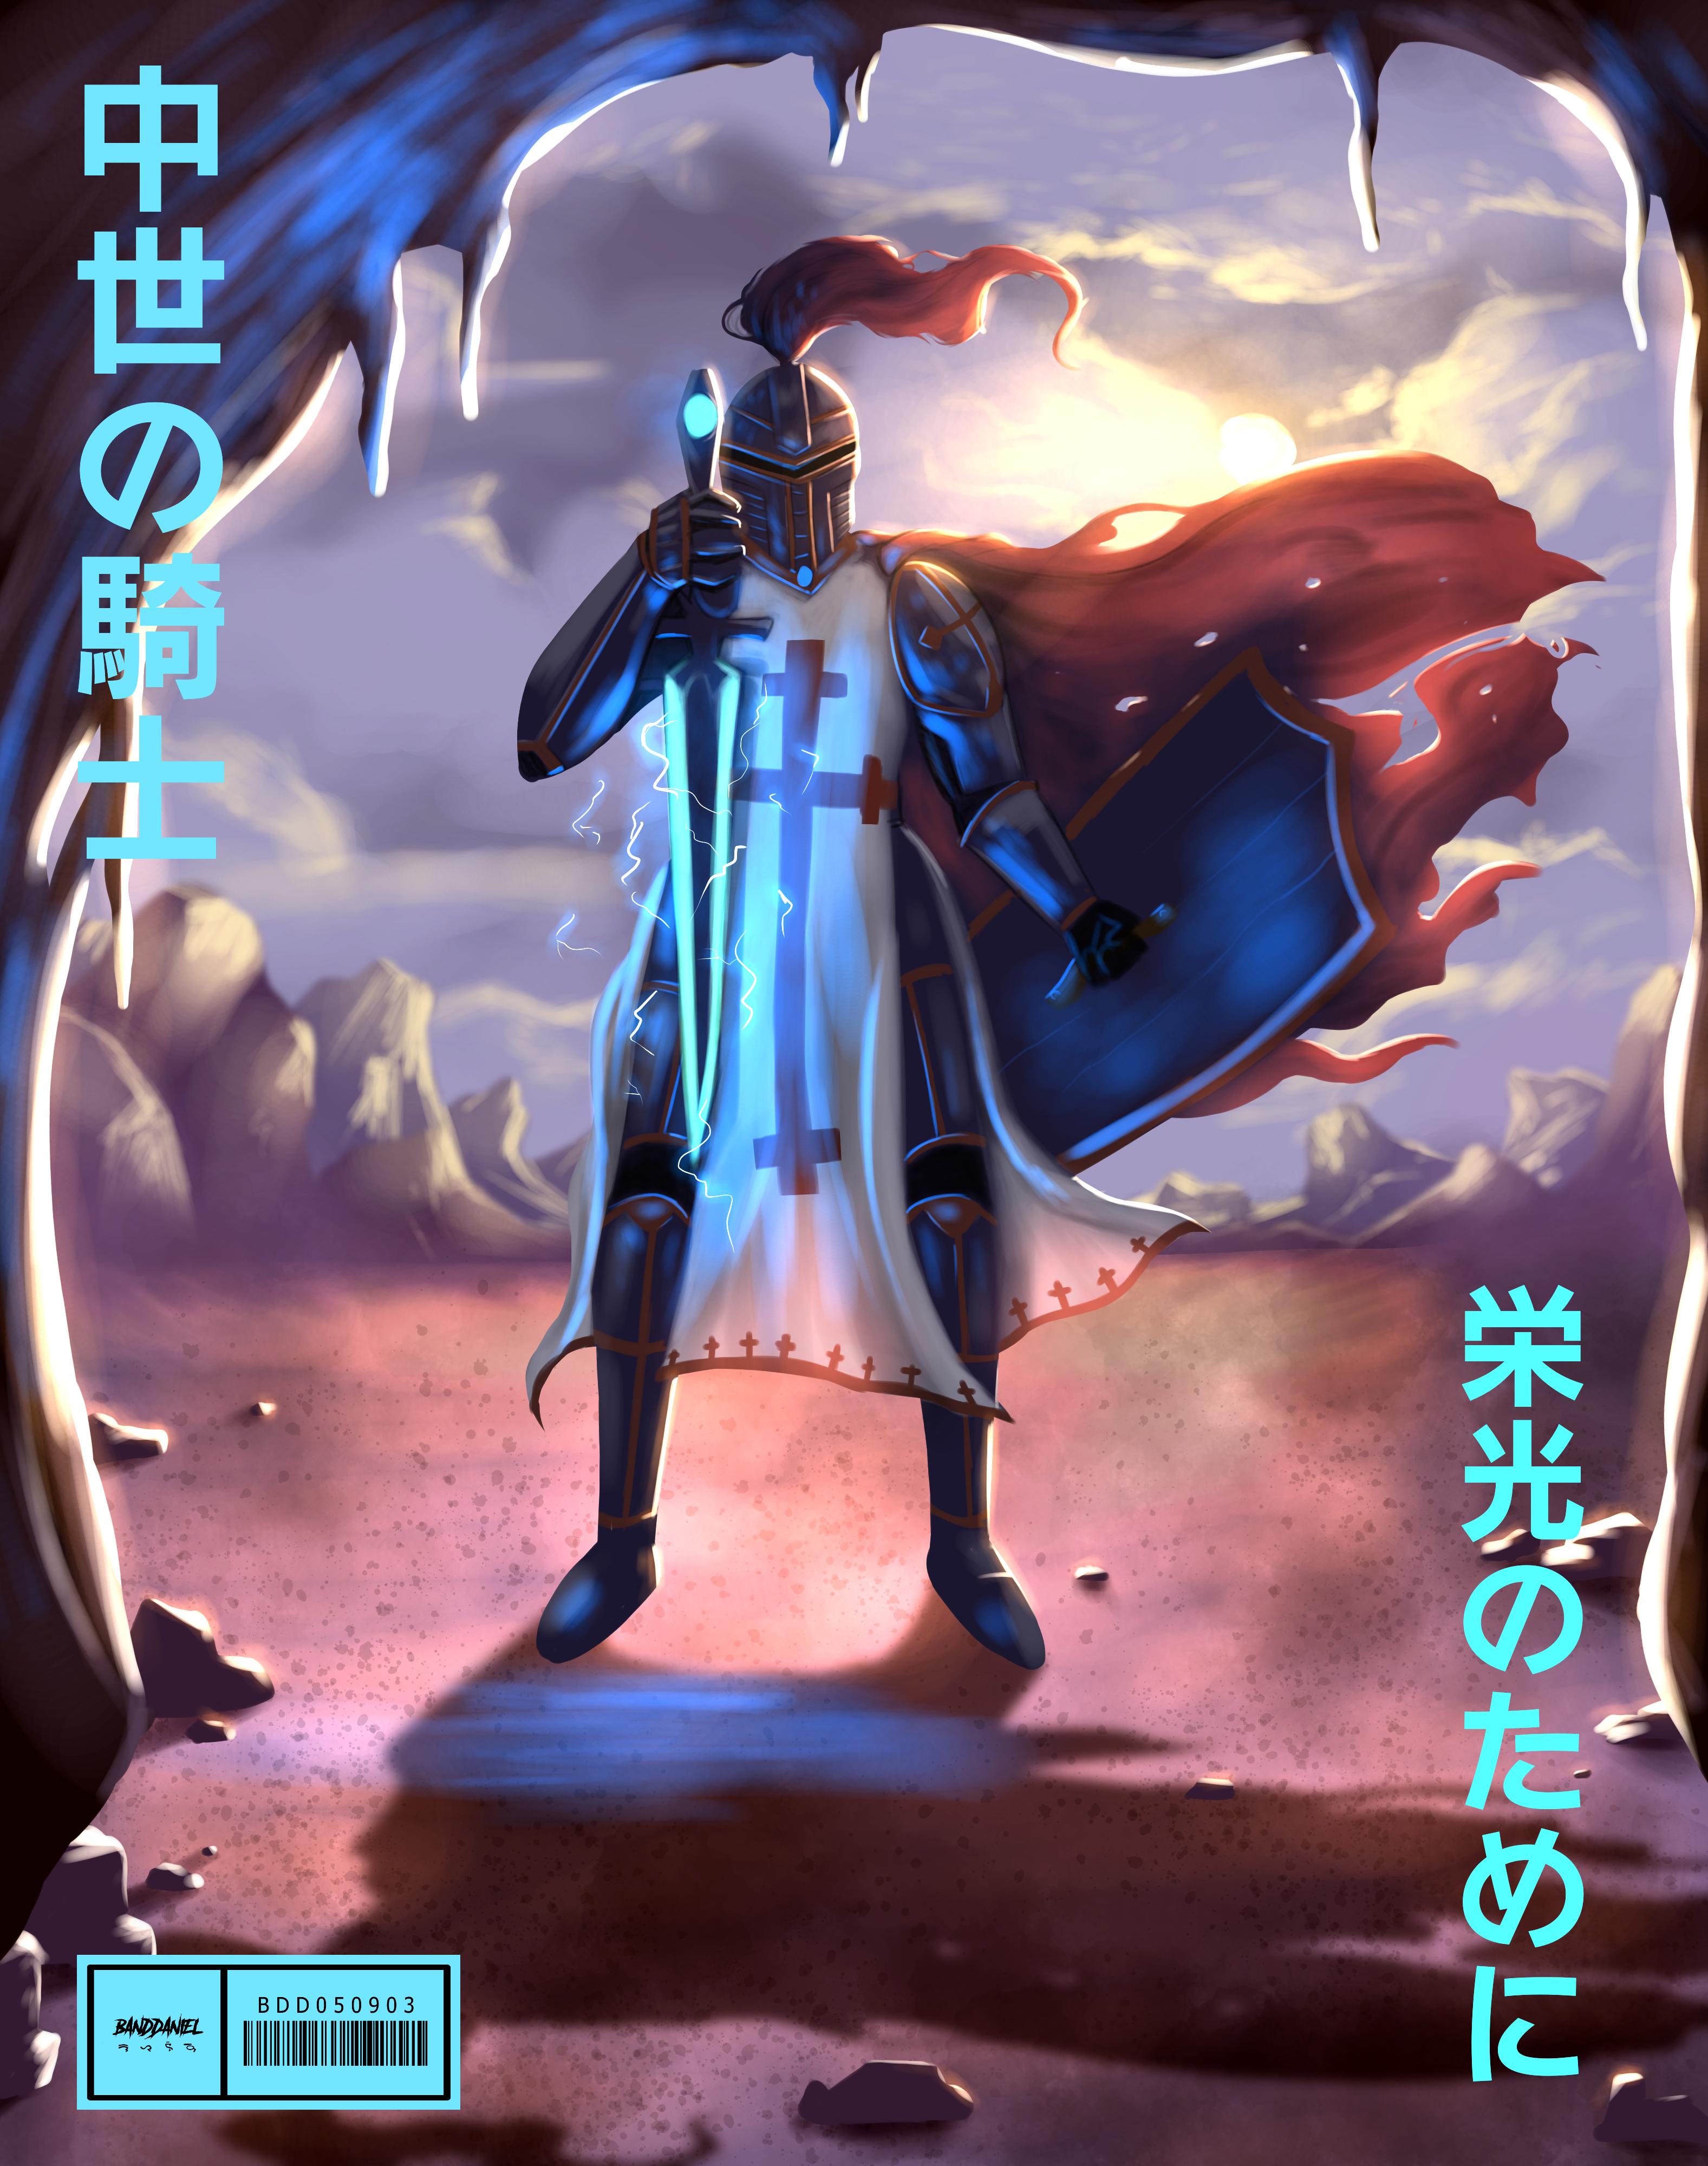 Epic Knight [BANDDANIEL]